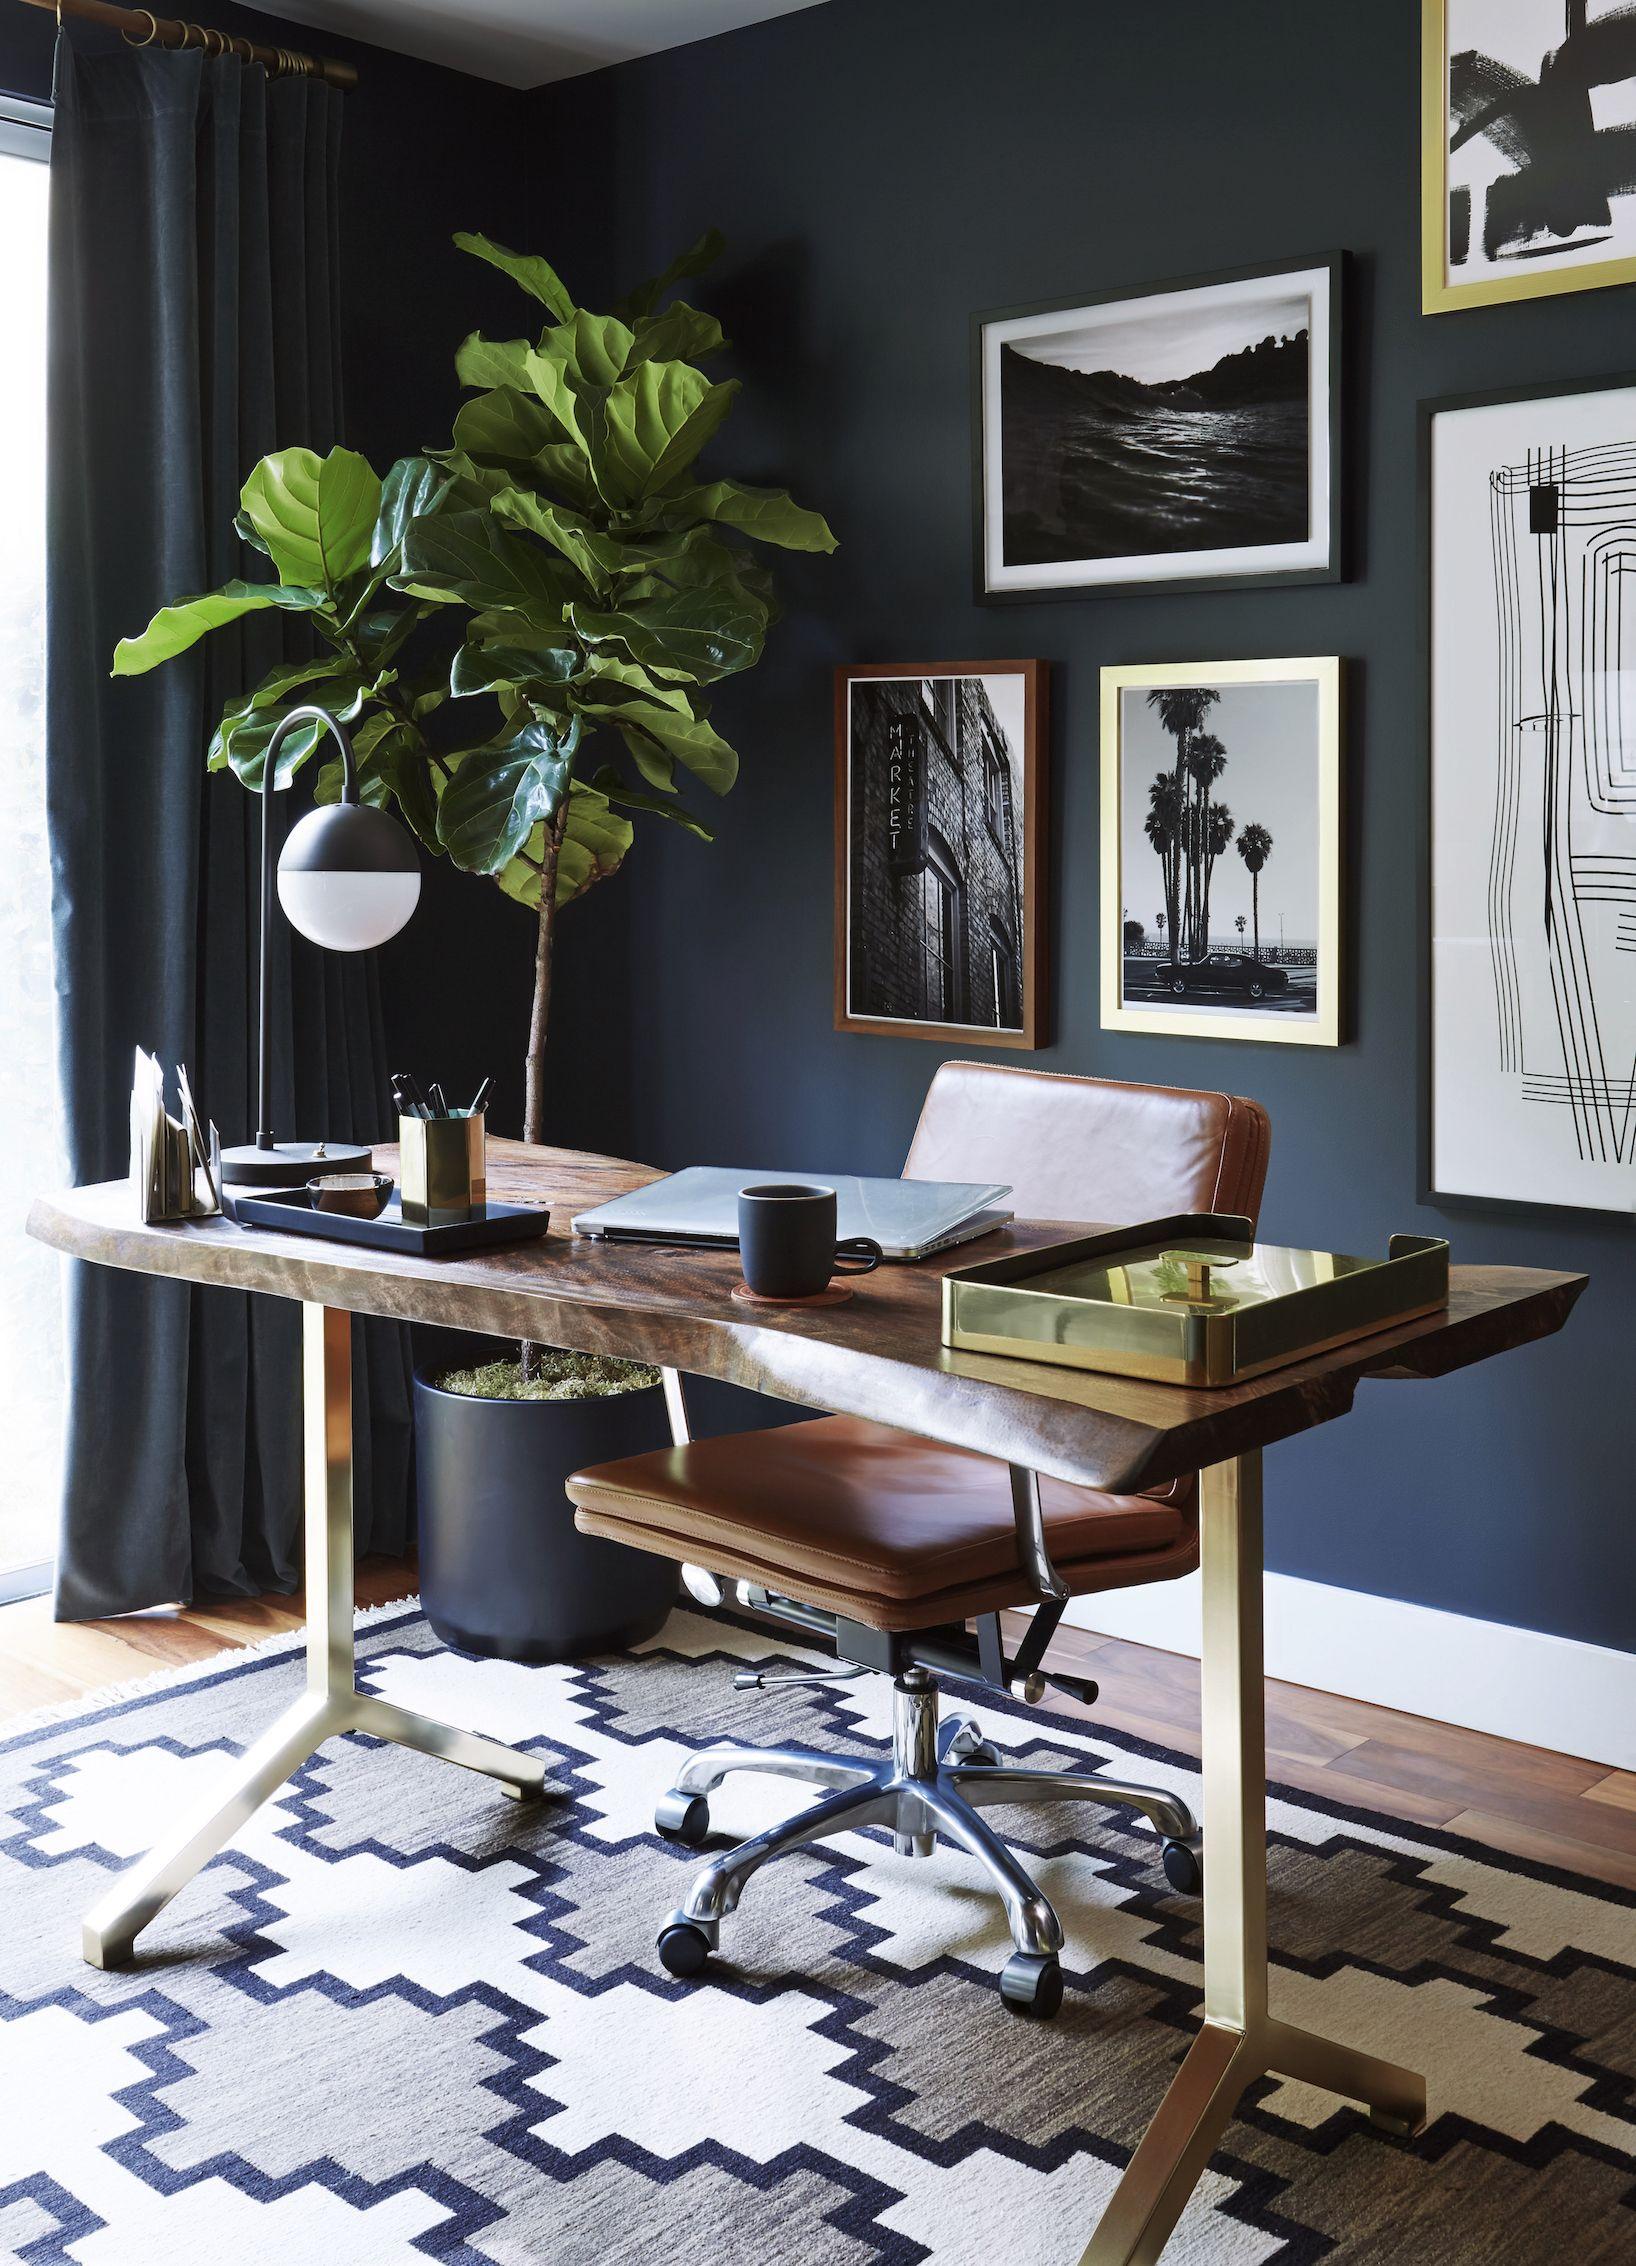 couleur foncee bureau plante